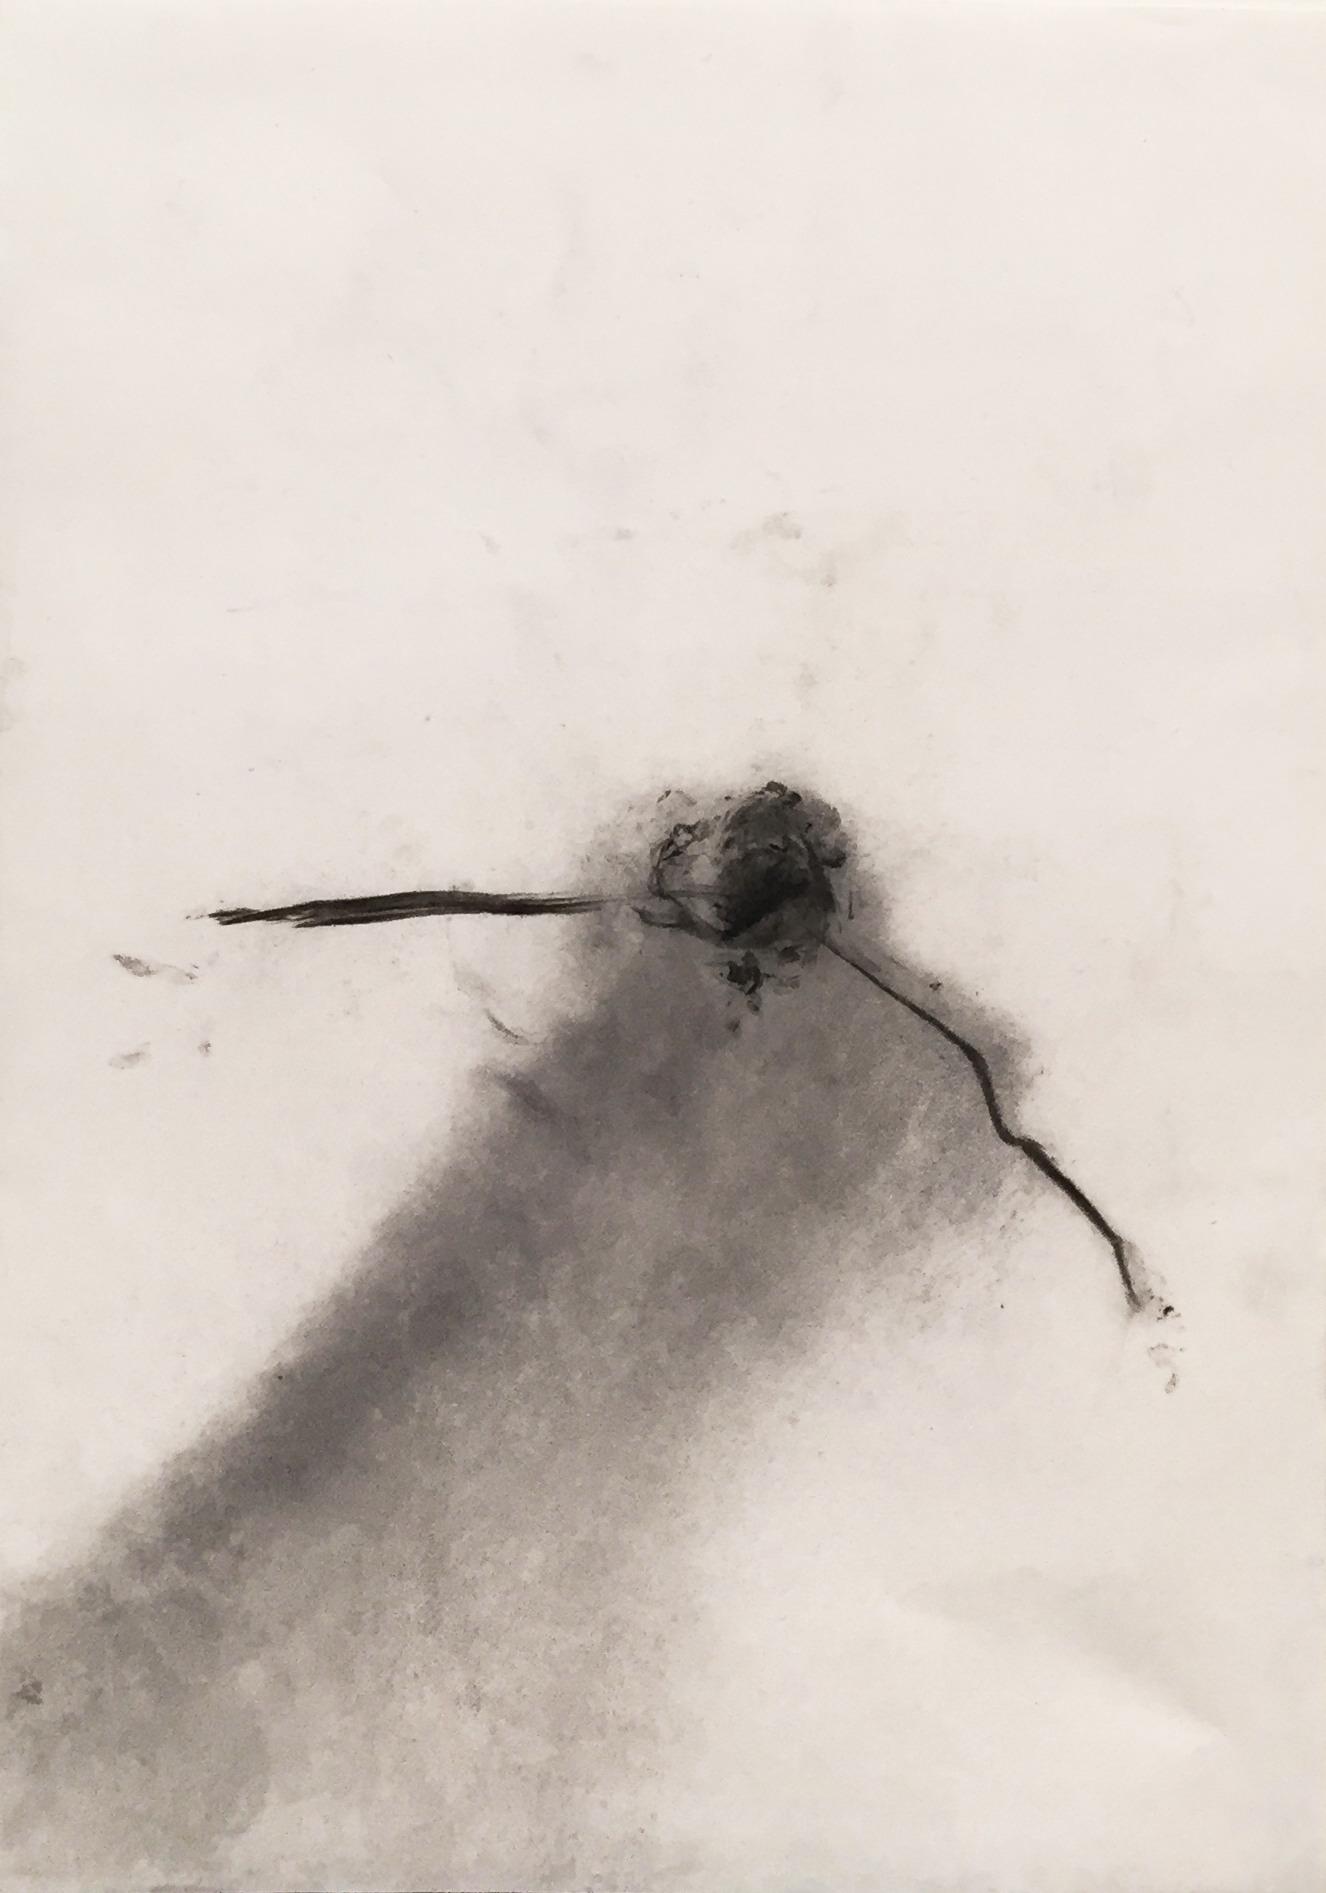 MARC FELD 2003 SISYPHE Fusain sur papier 21 x 29.7 cm